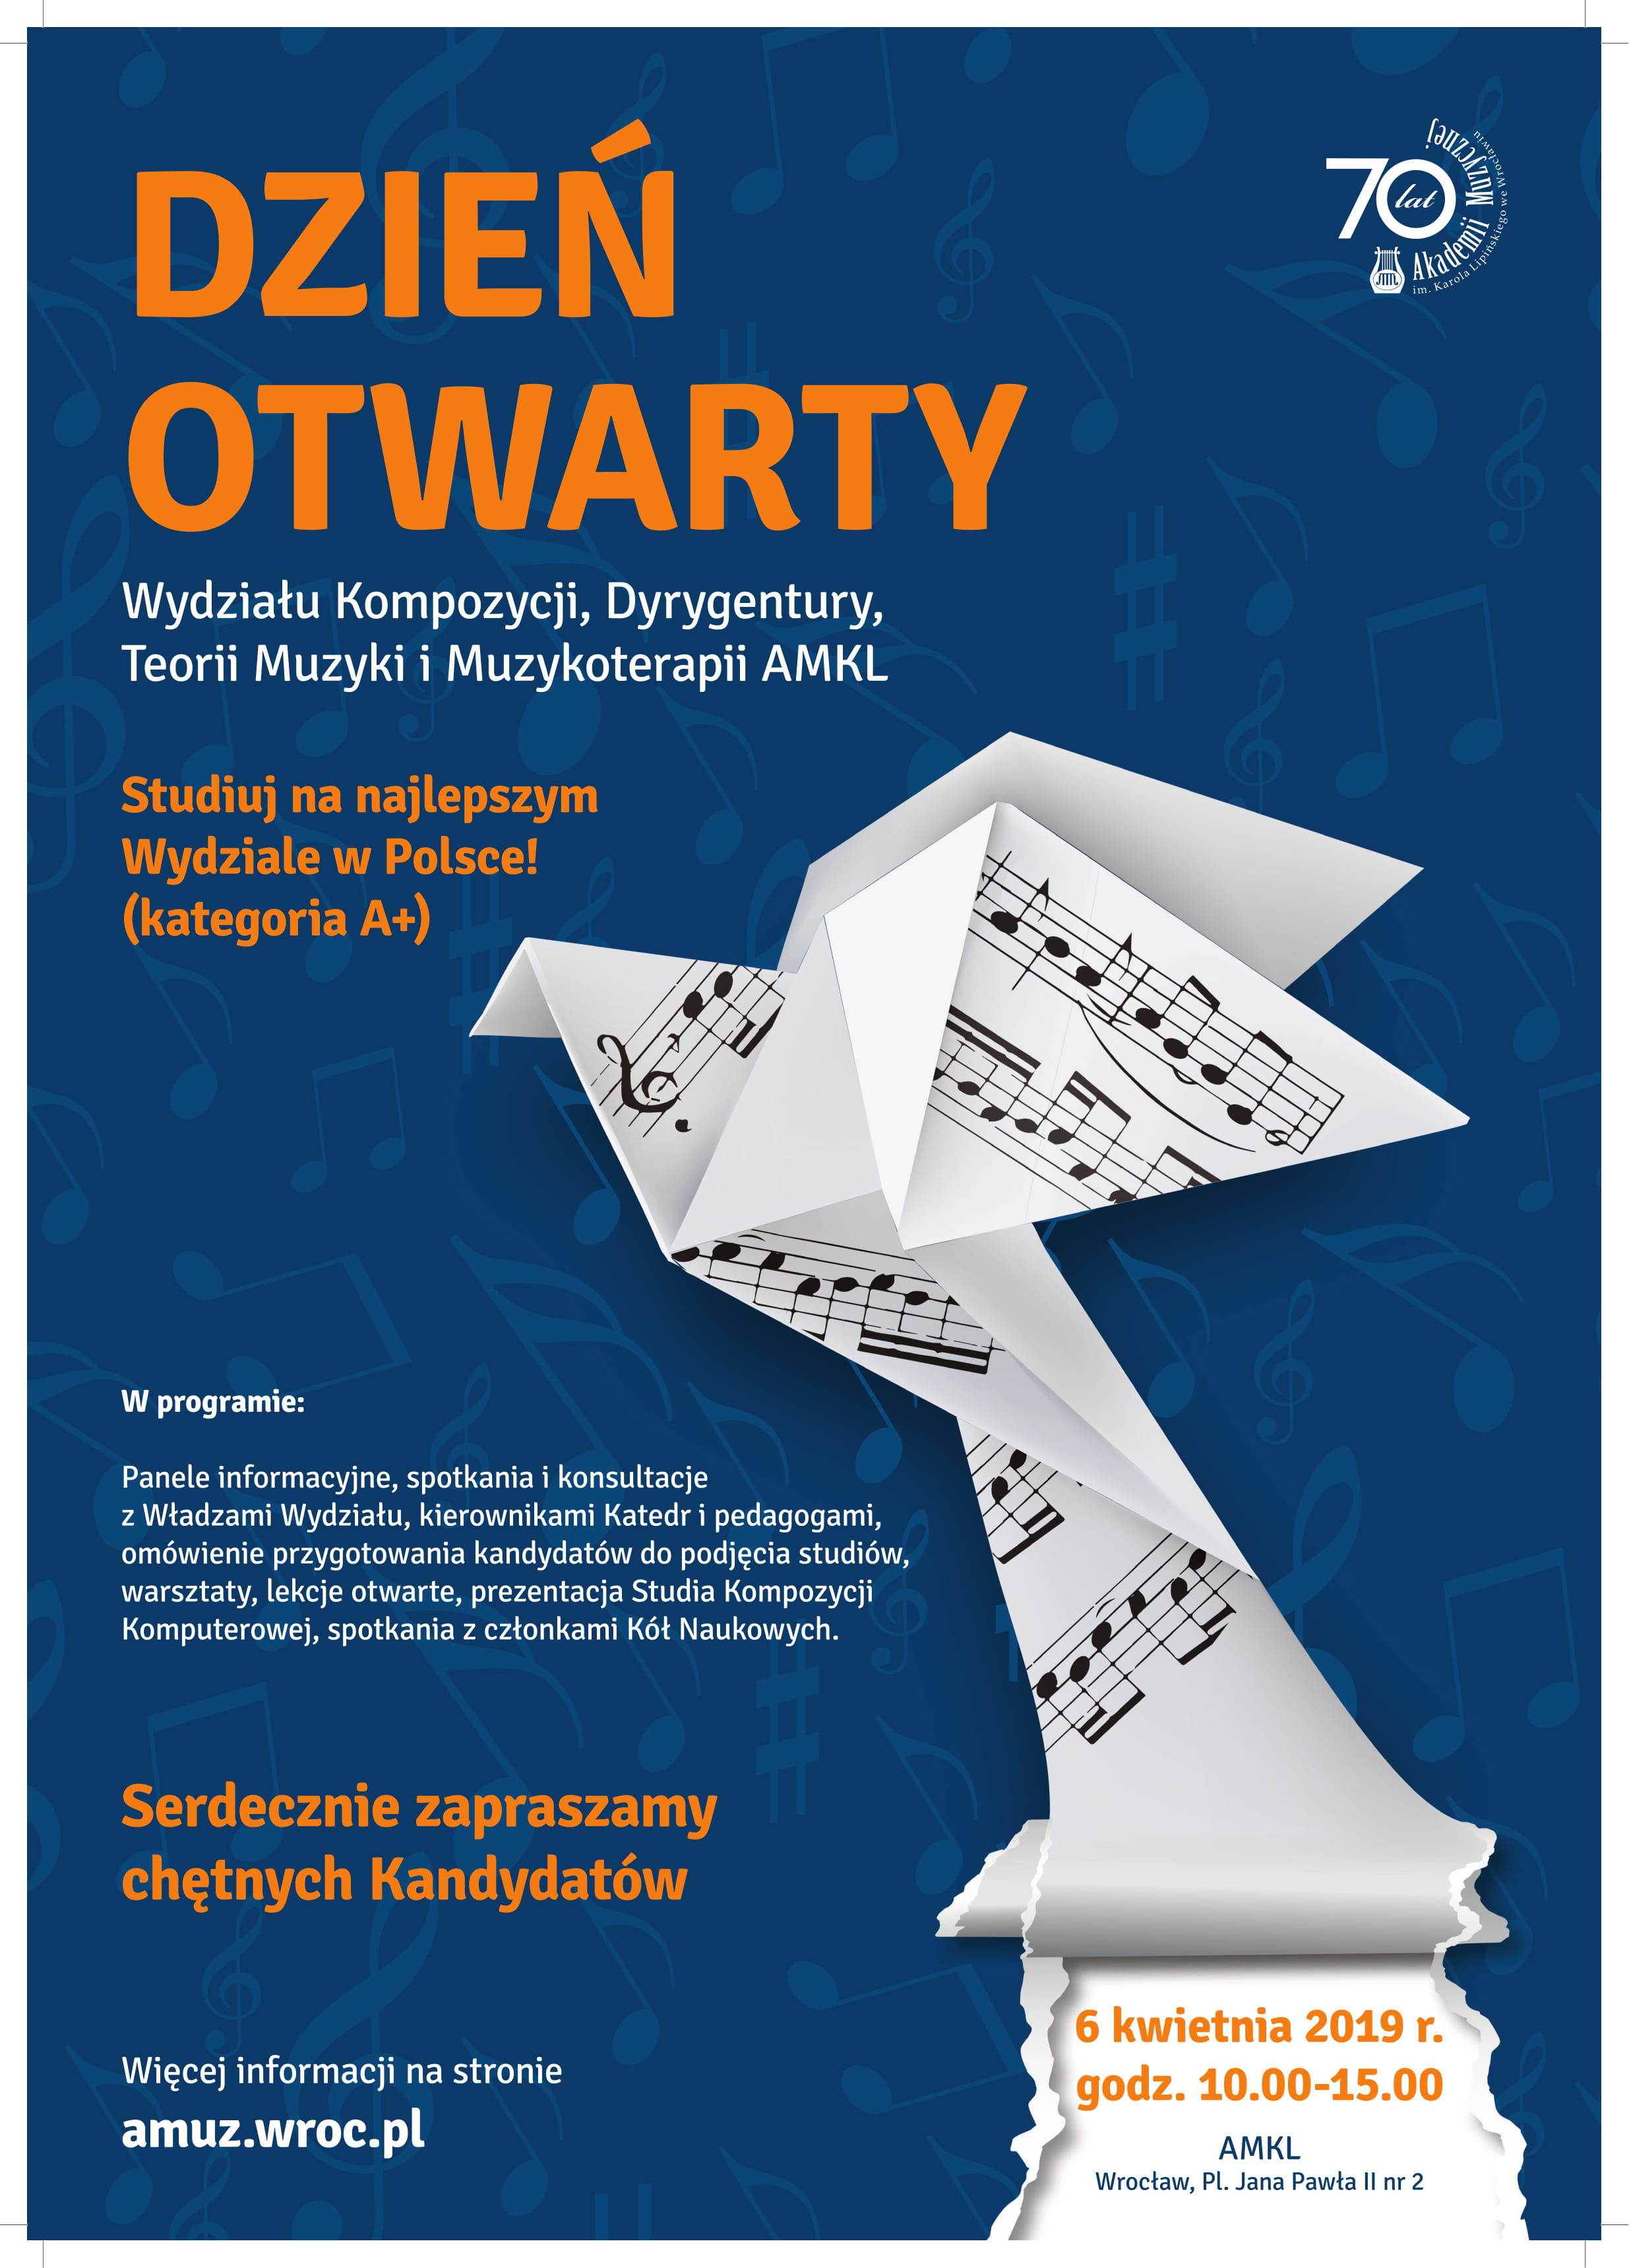 Dzień Otwarty Wydziału Kompozycji, Dyrygentury, Teorii Muzyki i Muzykoterapii